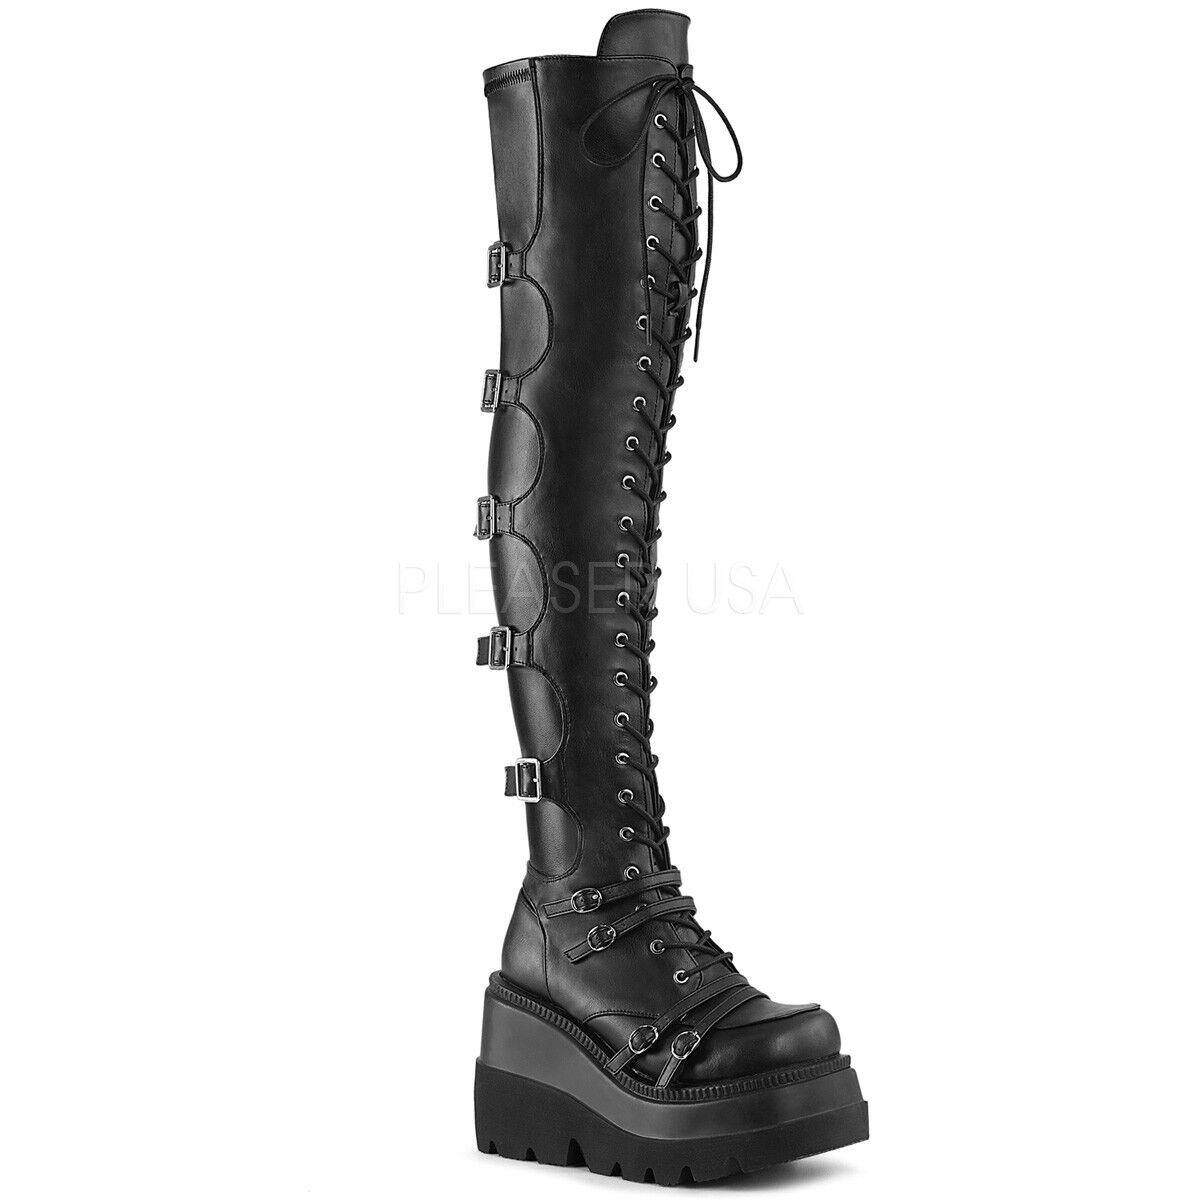 Demonia Shaker - - - 350 para Mujer Sexy Negro Cuero Con Cordones De Plataforma De Cuña Stretch bota  Garantía 100% de ajuste